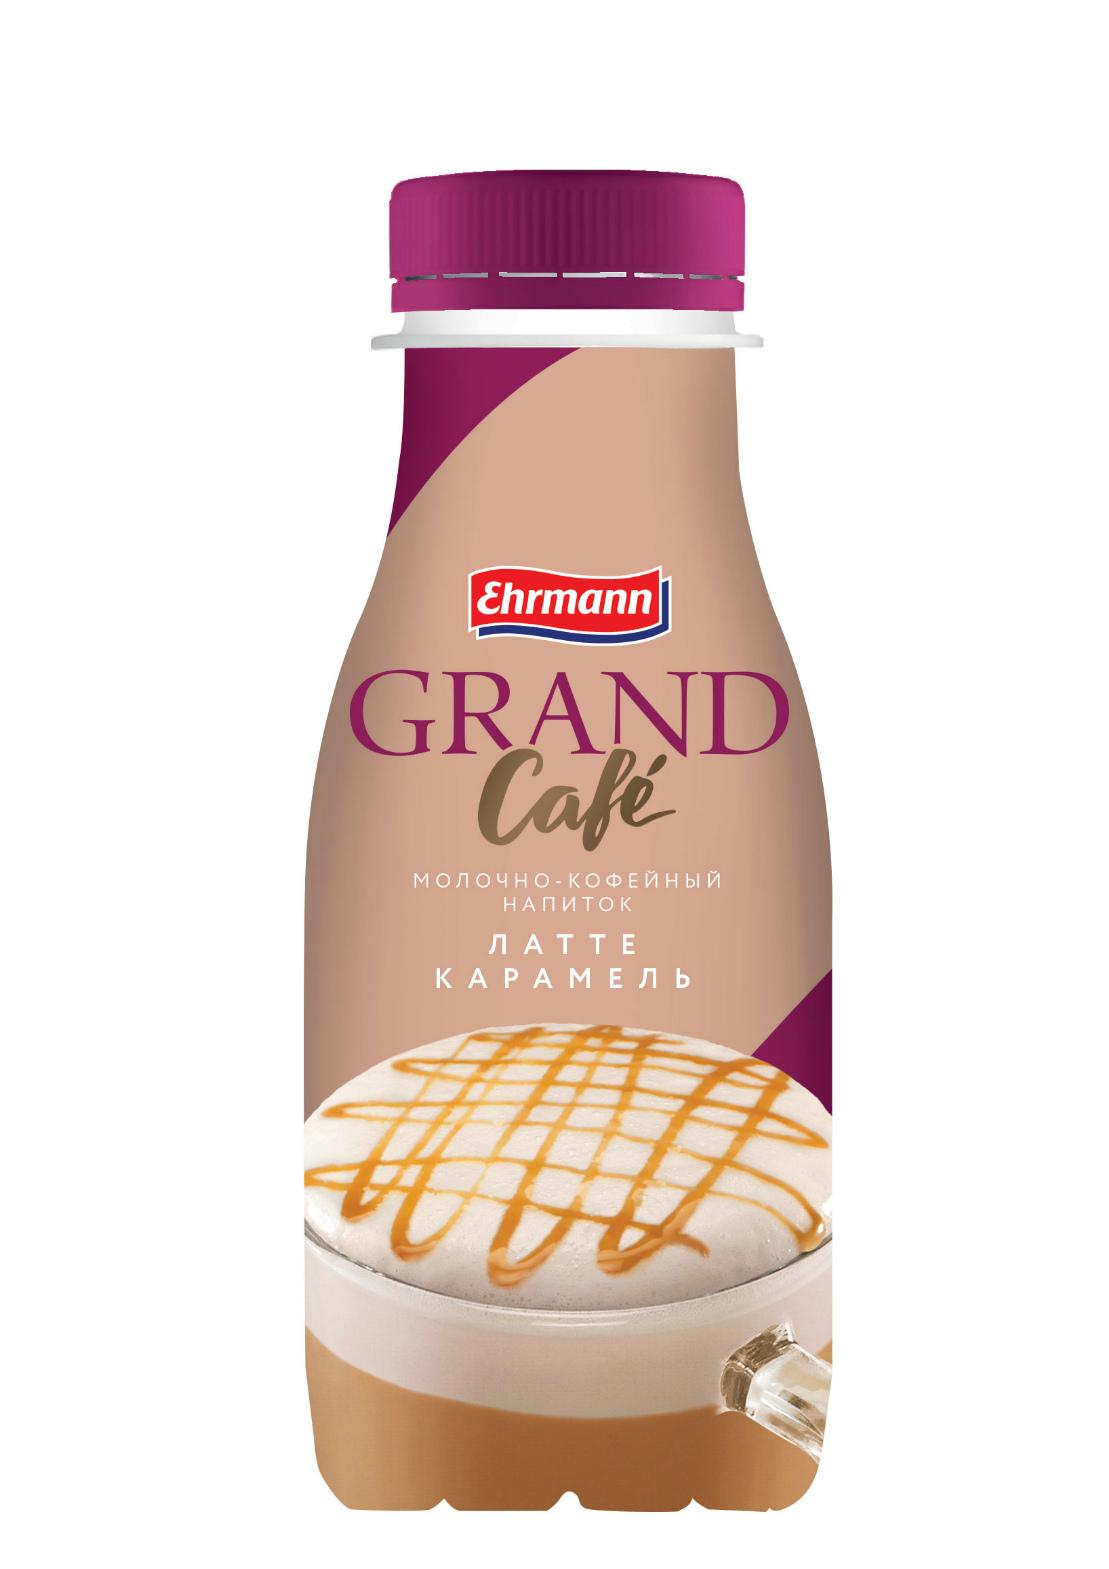 БЕЗ БРЭНДА БЗМЖ Напиток молочно-кофейный ультрапастеризованный Grand Cafe Латте Карамель 2.6% ферреро бзмж пирожное киндер макс кинг шоколад карамель 35г